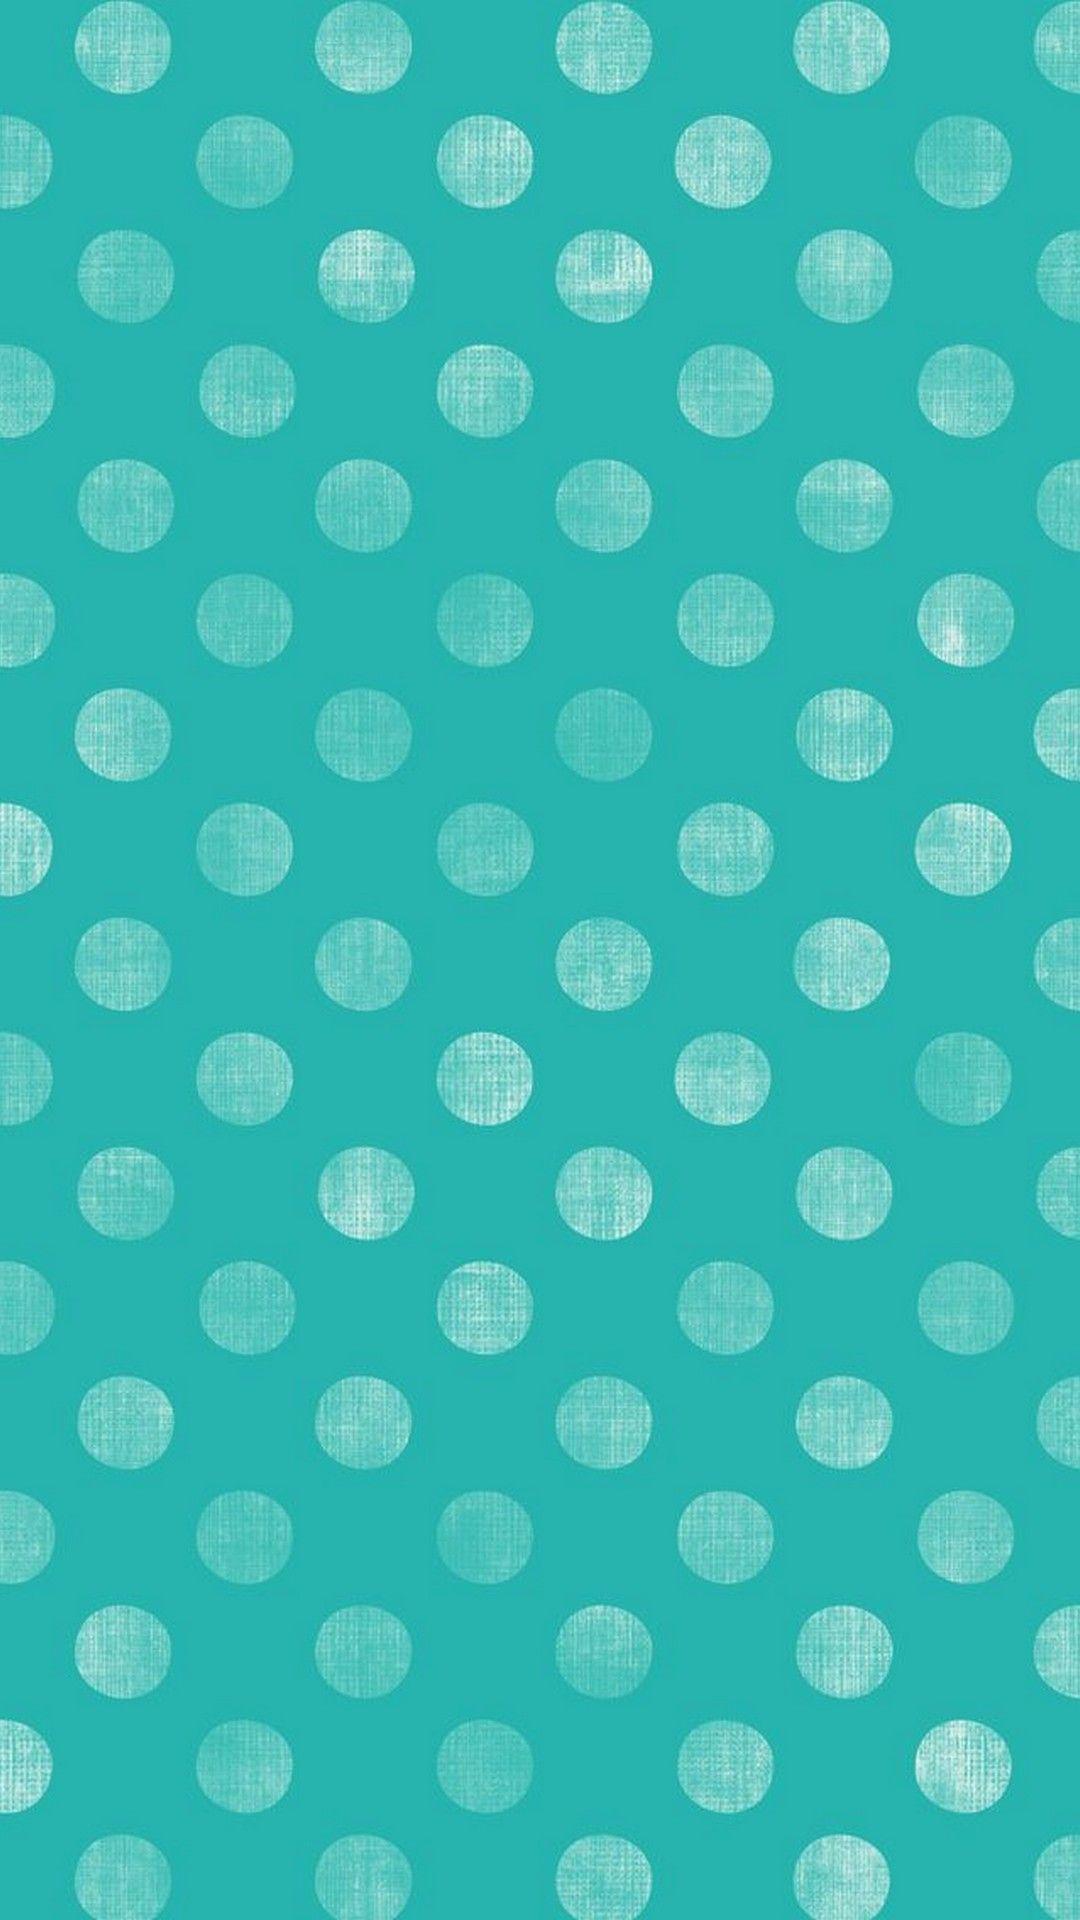 Wallpapers phone blue green backgrounds pinterest wallpaper